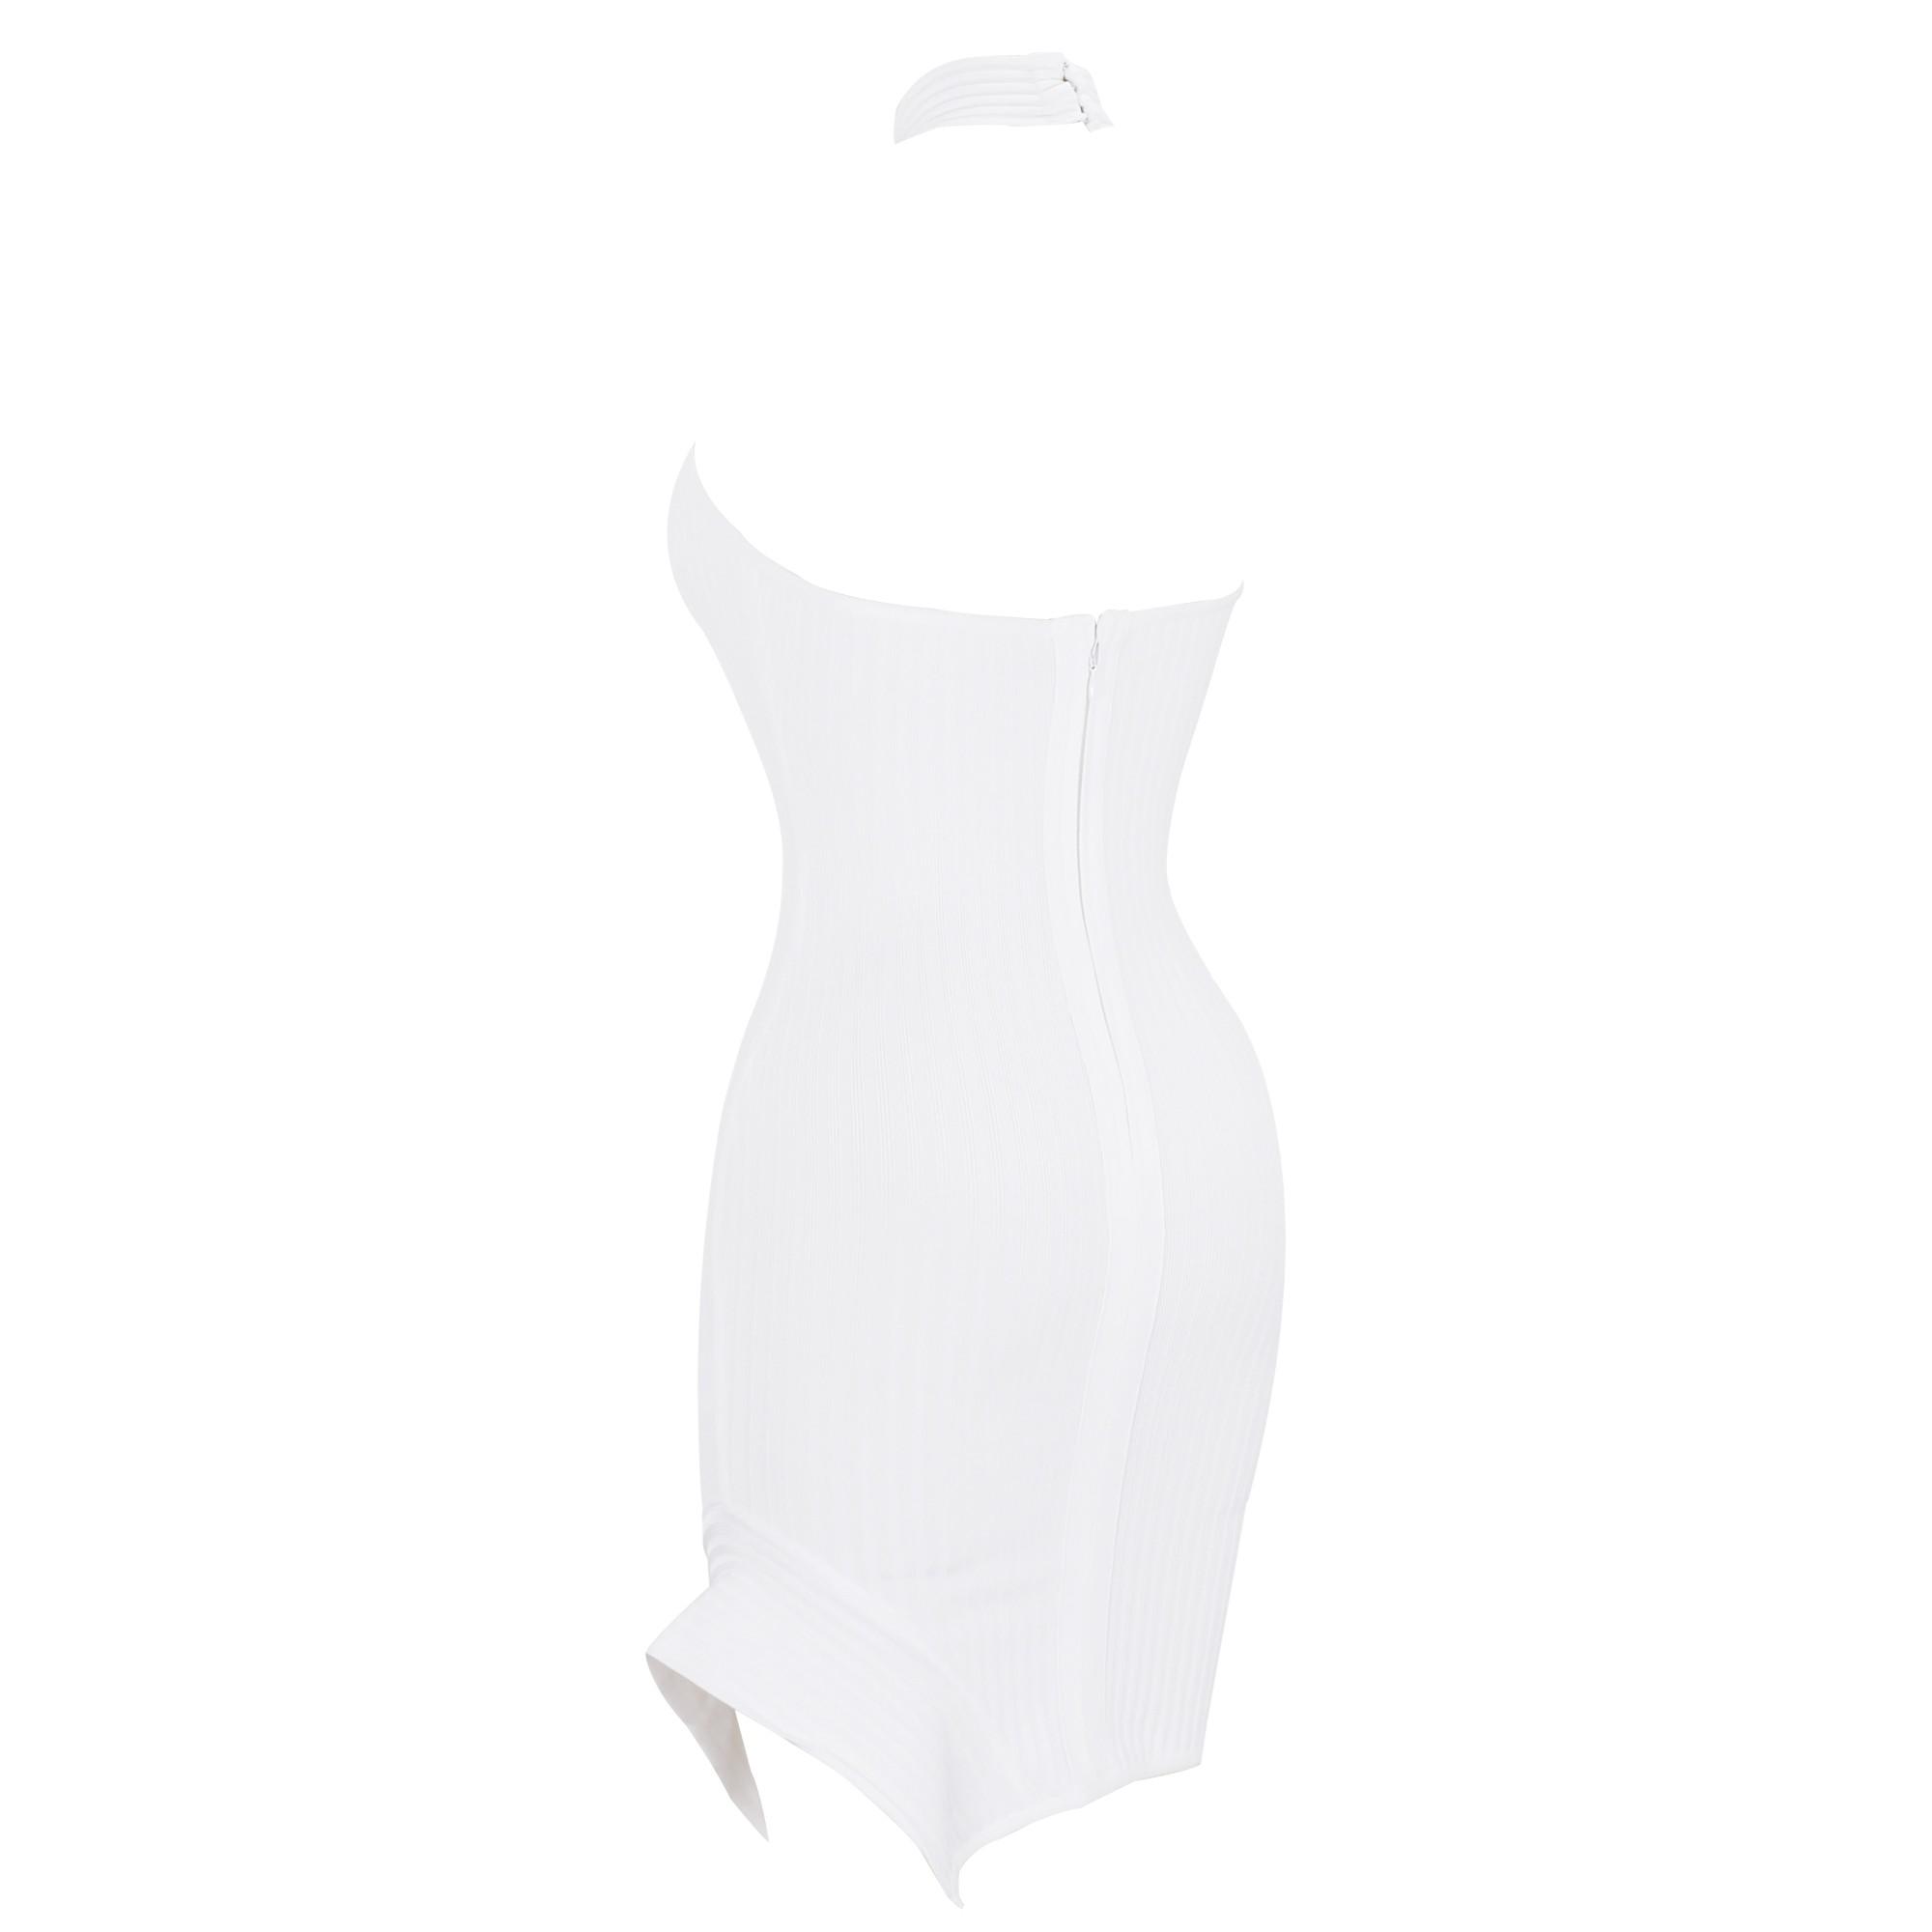 White Halter Sleeveless Over Knee Irregular Hemline Backless Party Bandage Dress HQ247-White